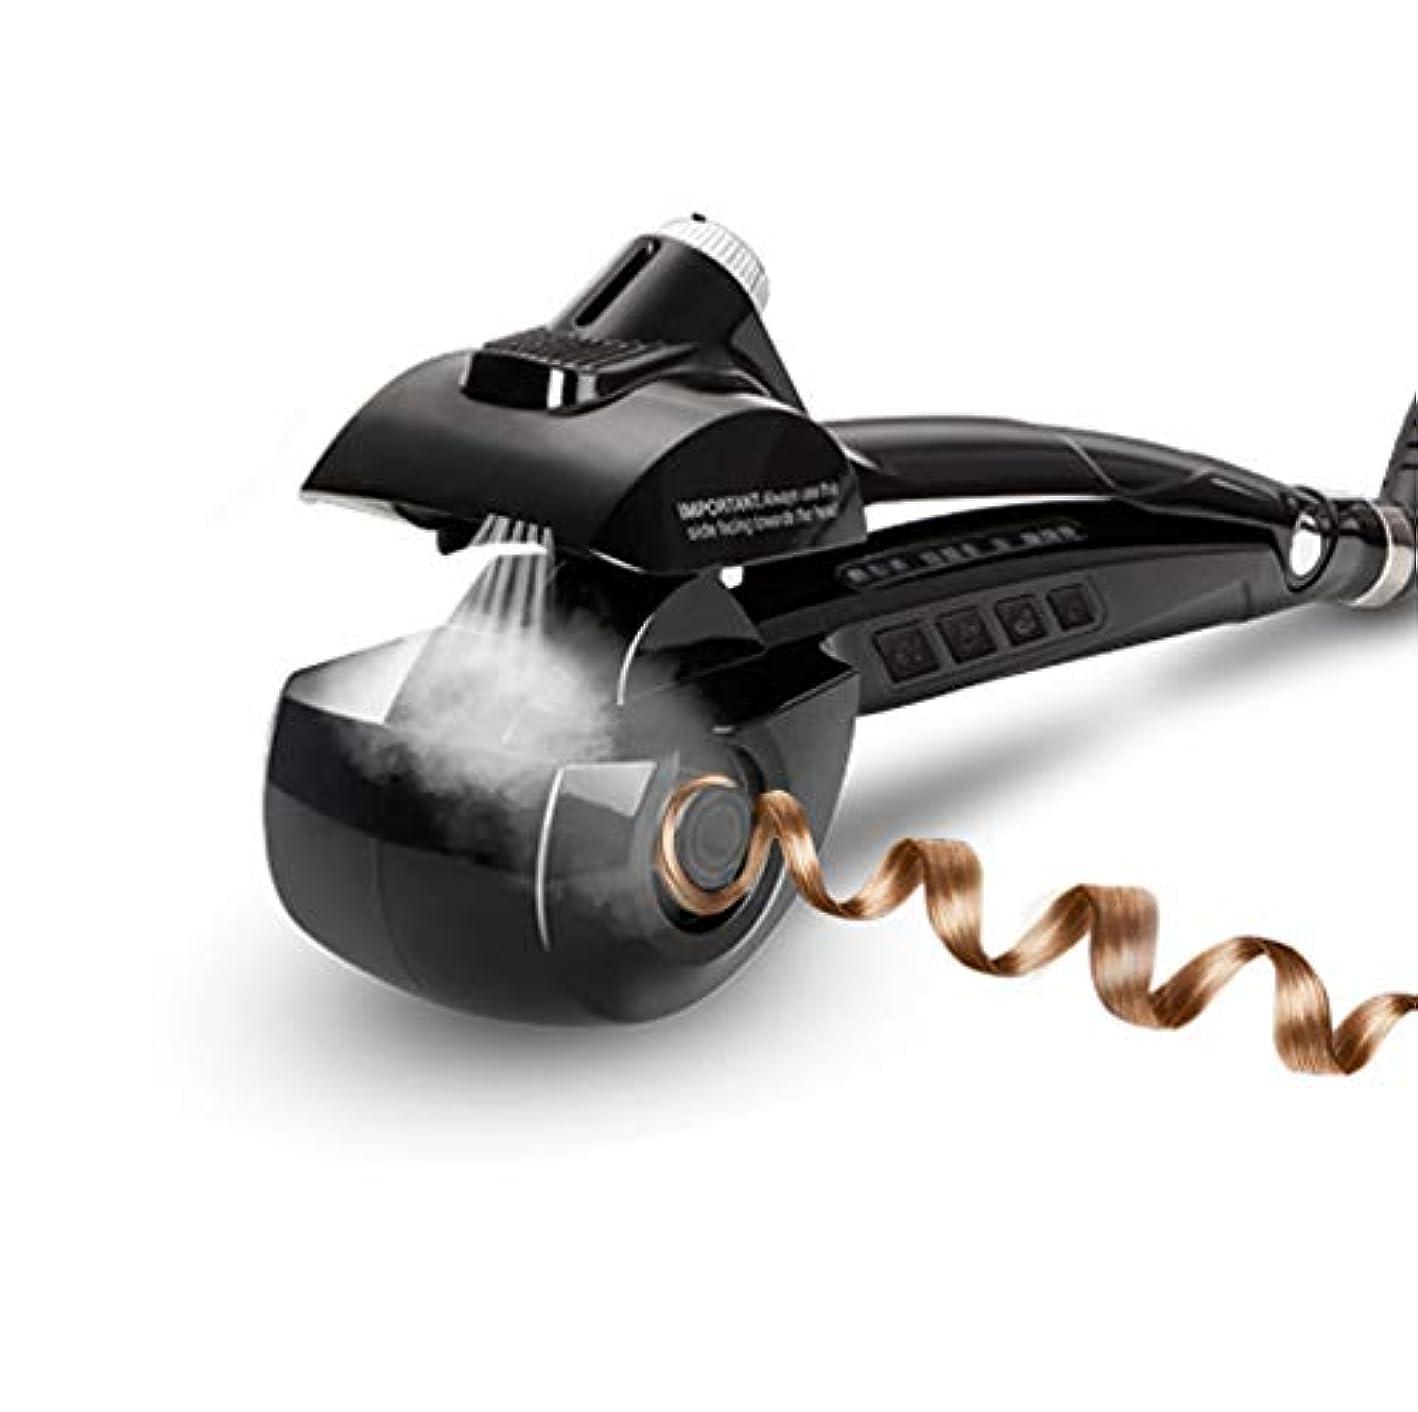 ジャズ極小負担女性自動ヘアカーラースチームヘアカーラーセラミックカールマシンアンチもつれヘアスチームセラミックカーリングワンド自動カーリングワンドサロンプロフェッショナルツール